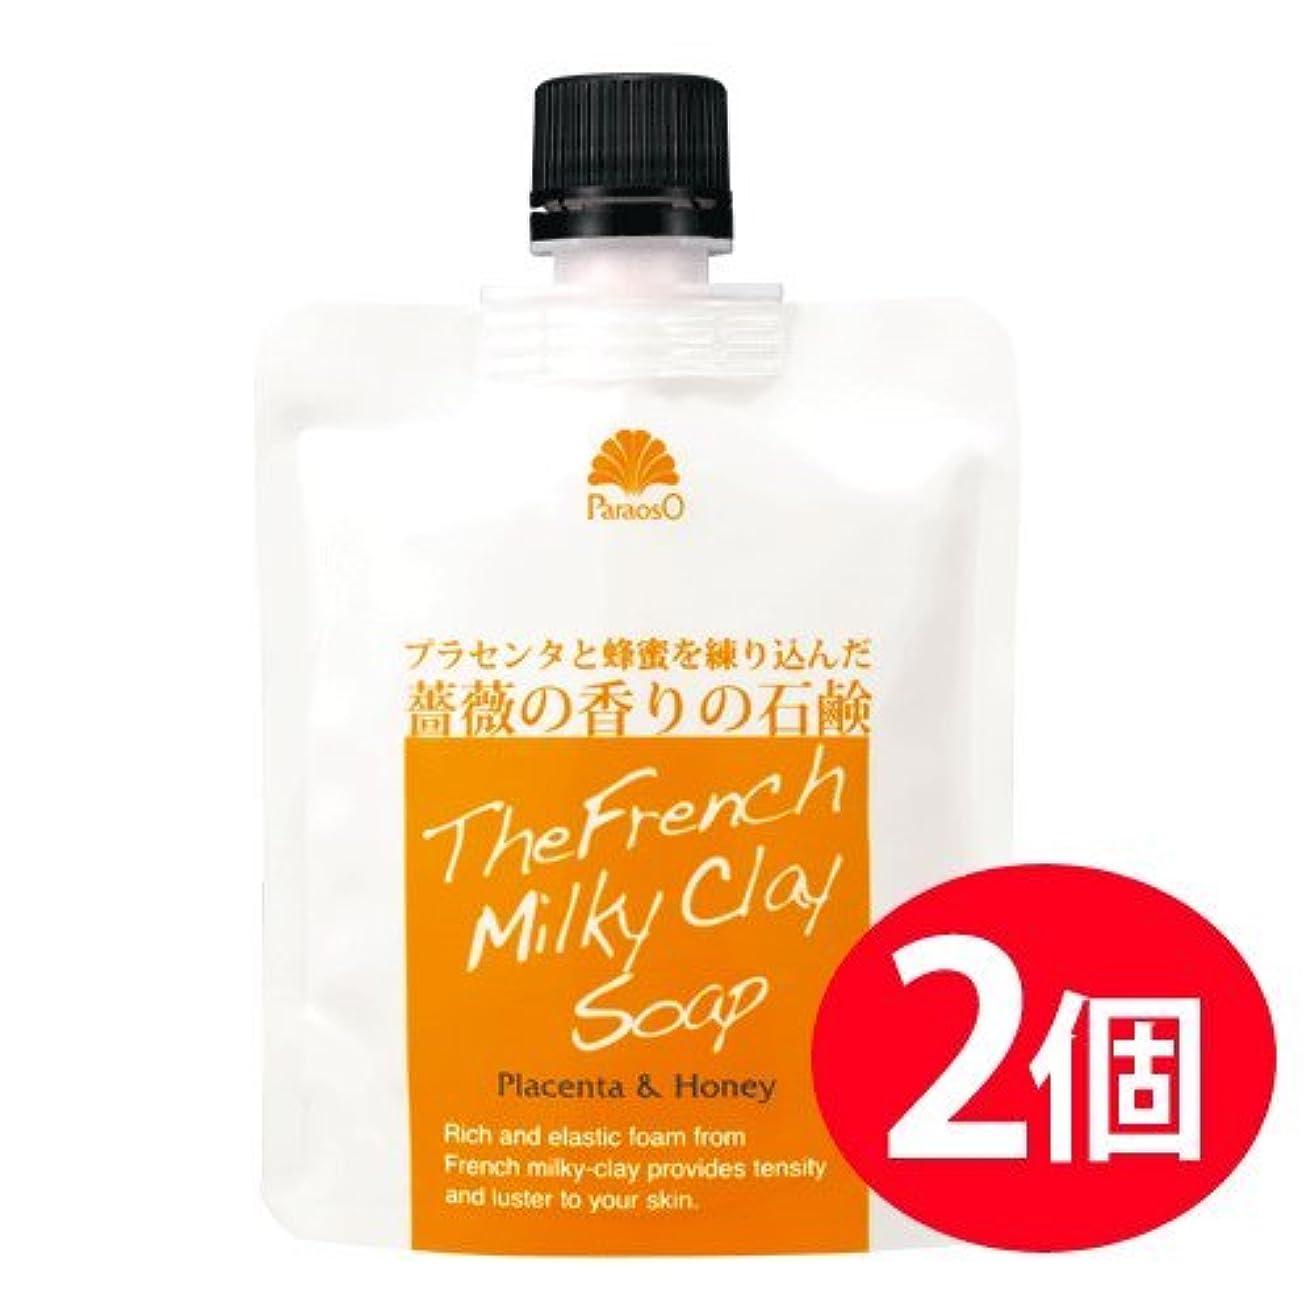 編集する正しくメタリックプラセンタと蜂蜜を練り込んだ薔薇の香りの生石鹸 パラオソフレンチクレイソープ 2個